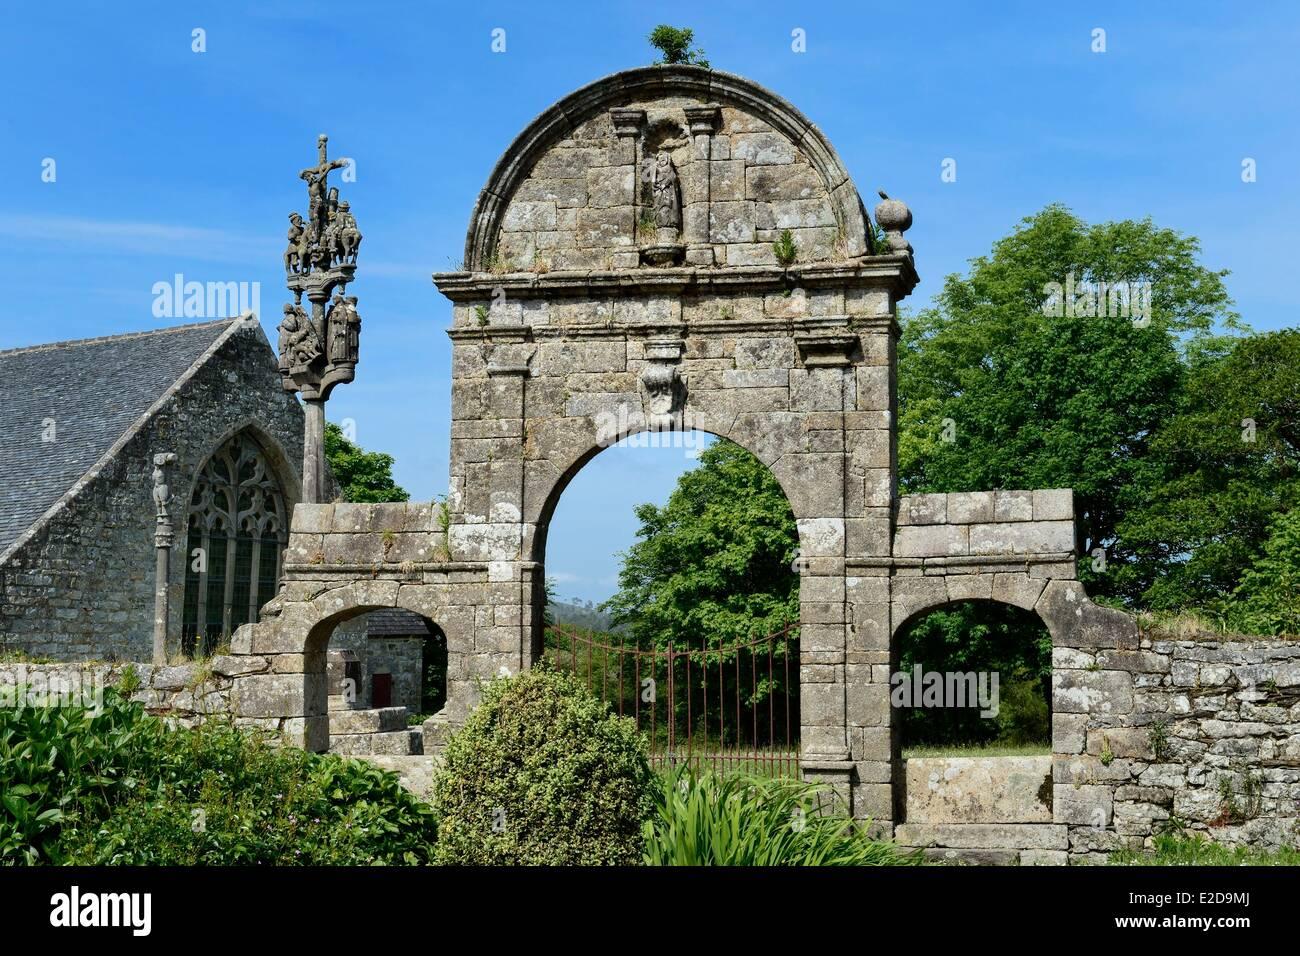 France Finistere Plomodiern Chapel Sainte Marie du Menez Hom the triumphal arch at the entrance to the parish enclosure - Stock Image